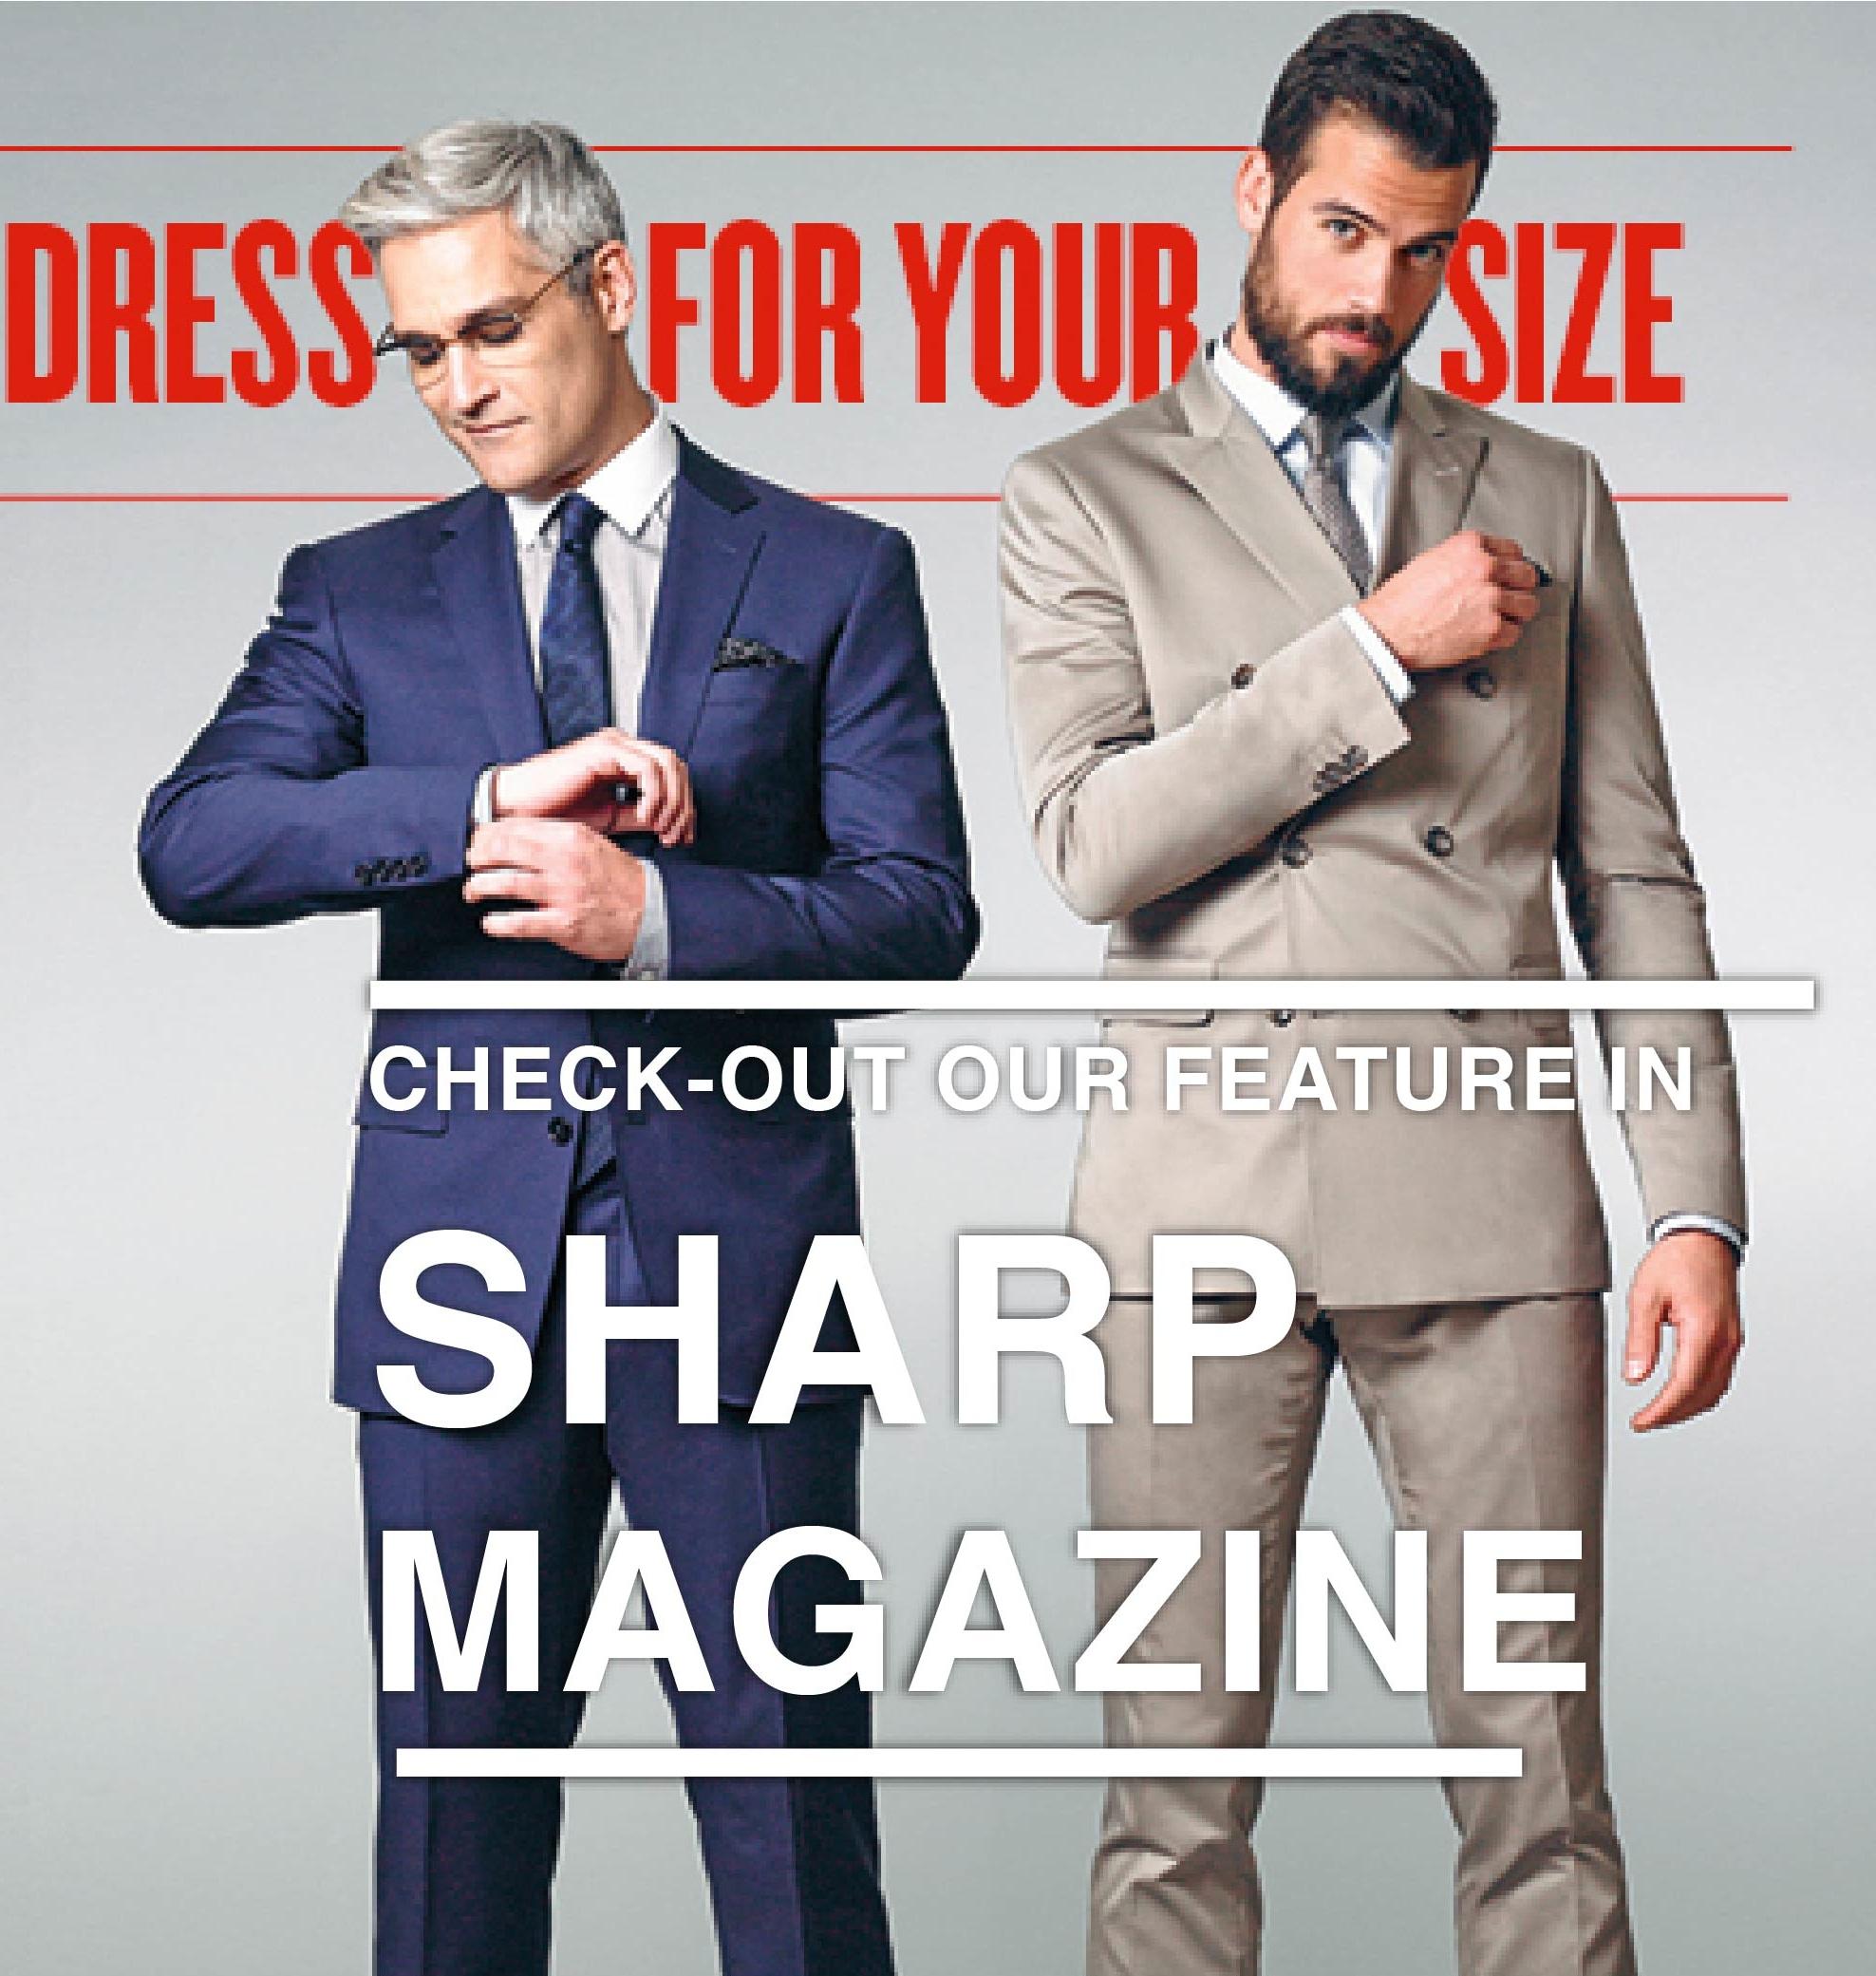 Sharp Magazine